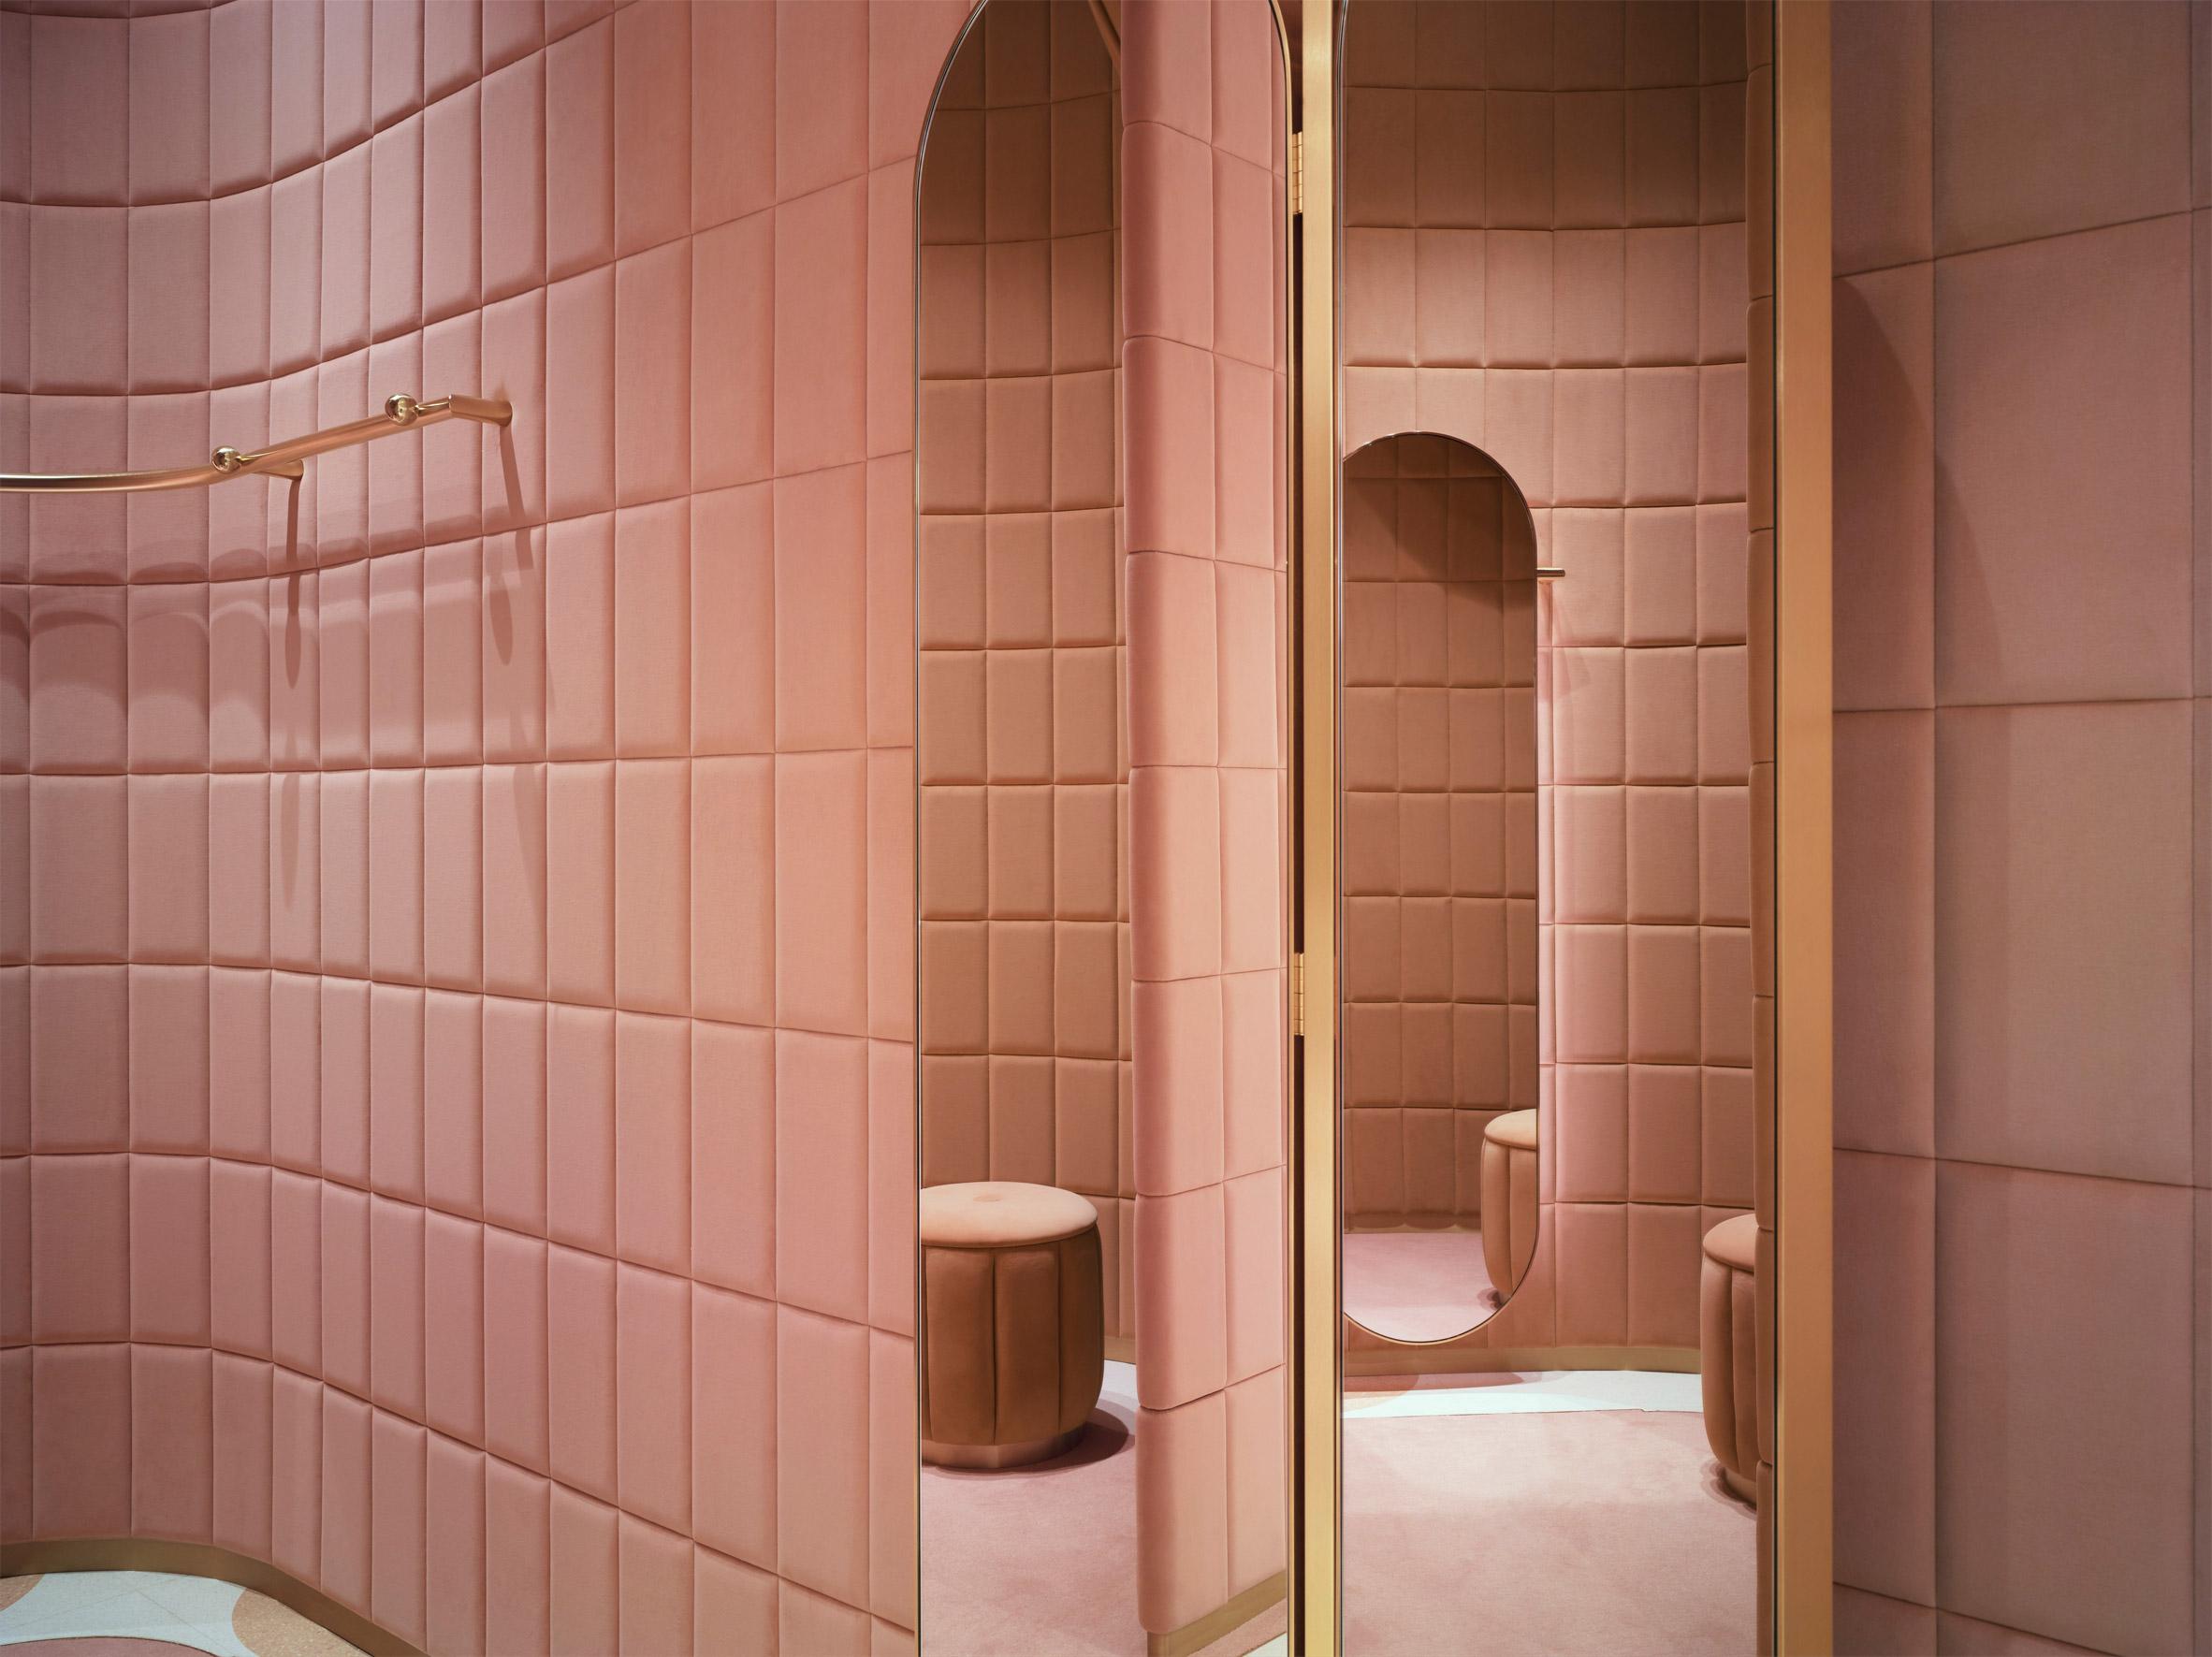 redvalentino-store-by-pierpaolo-piccioli-and-india-mahdavi-interior-design-london-_dezeen_2364_col_8.jpg